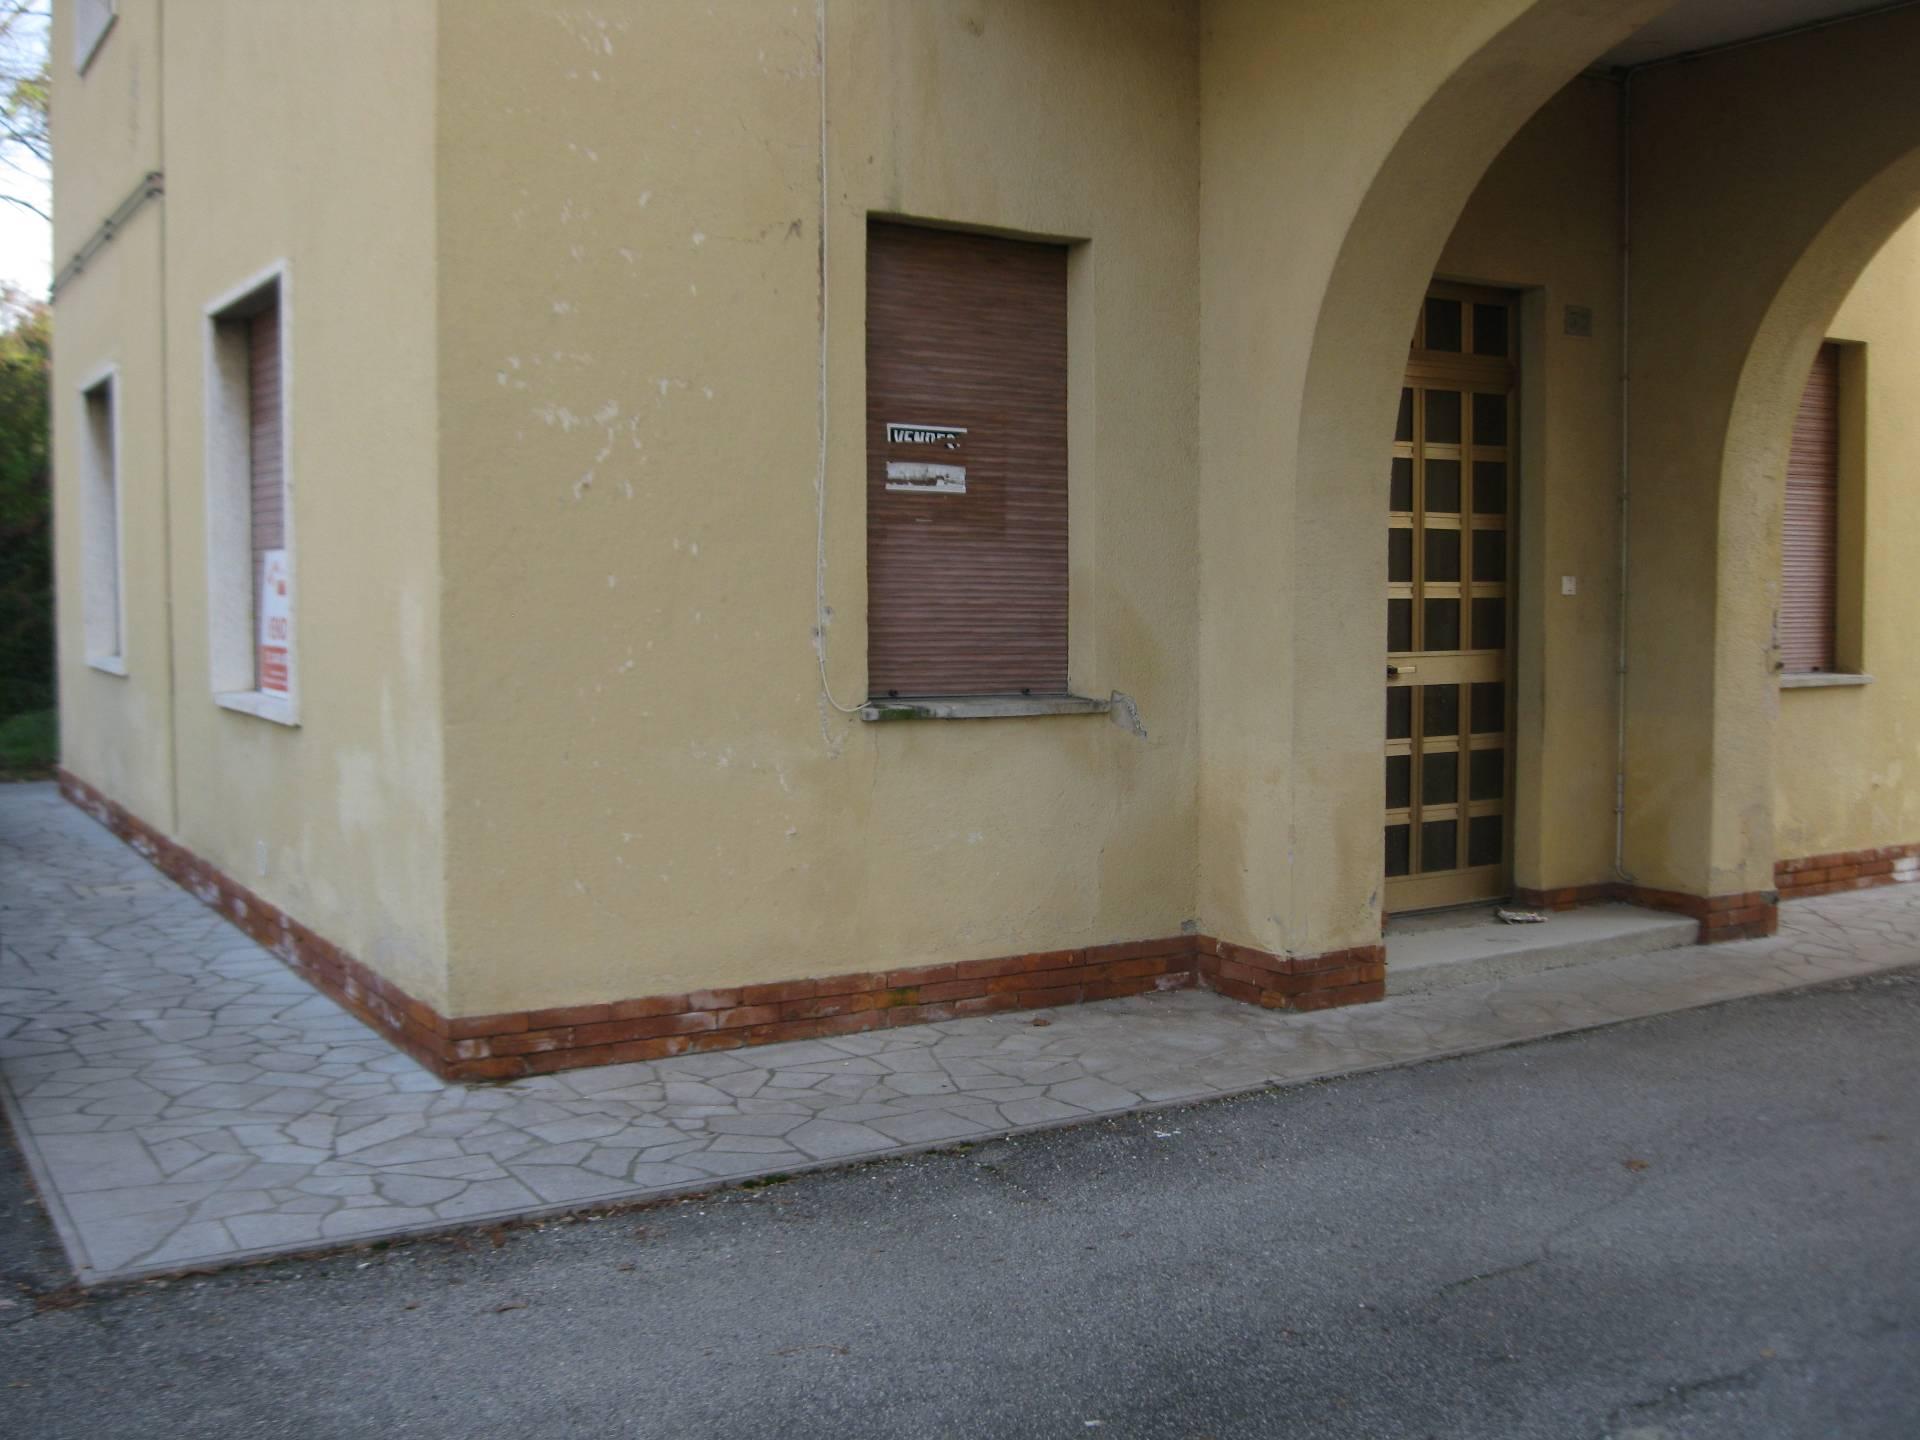 Appartamento in vendita a Torviscosa, 3 locali, prezzo € 39.000 | Cambio Casa.it